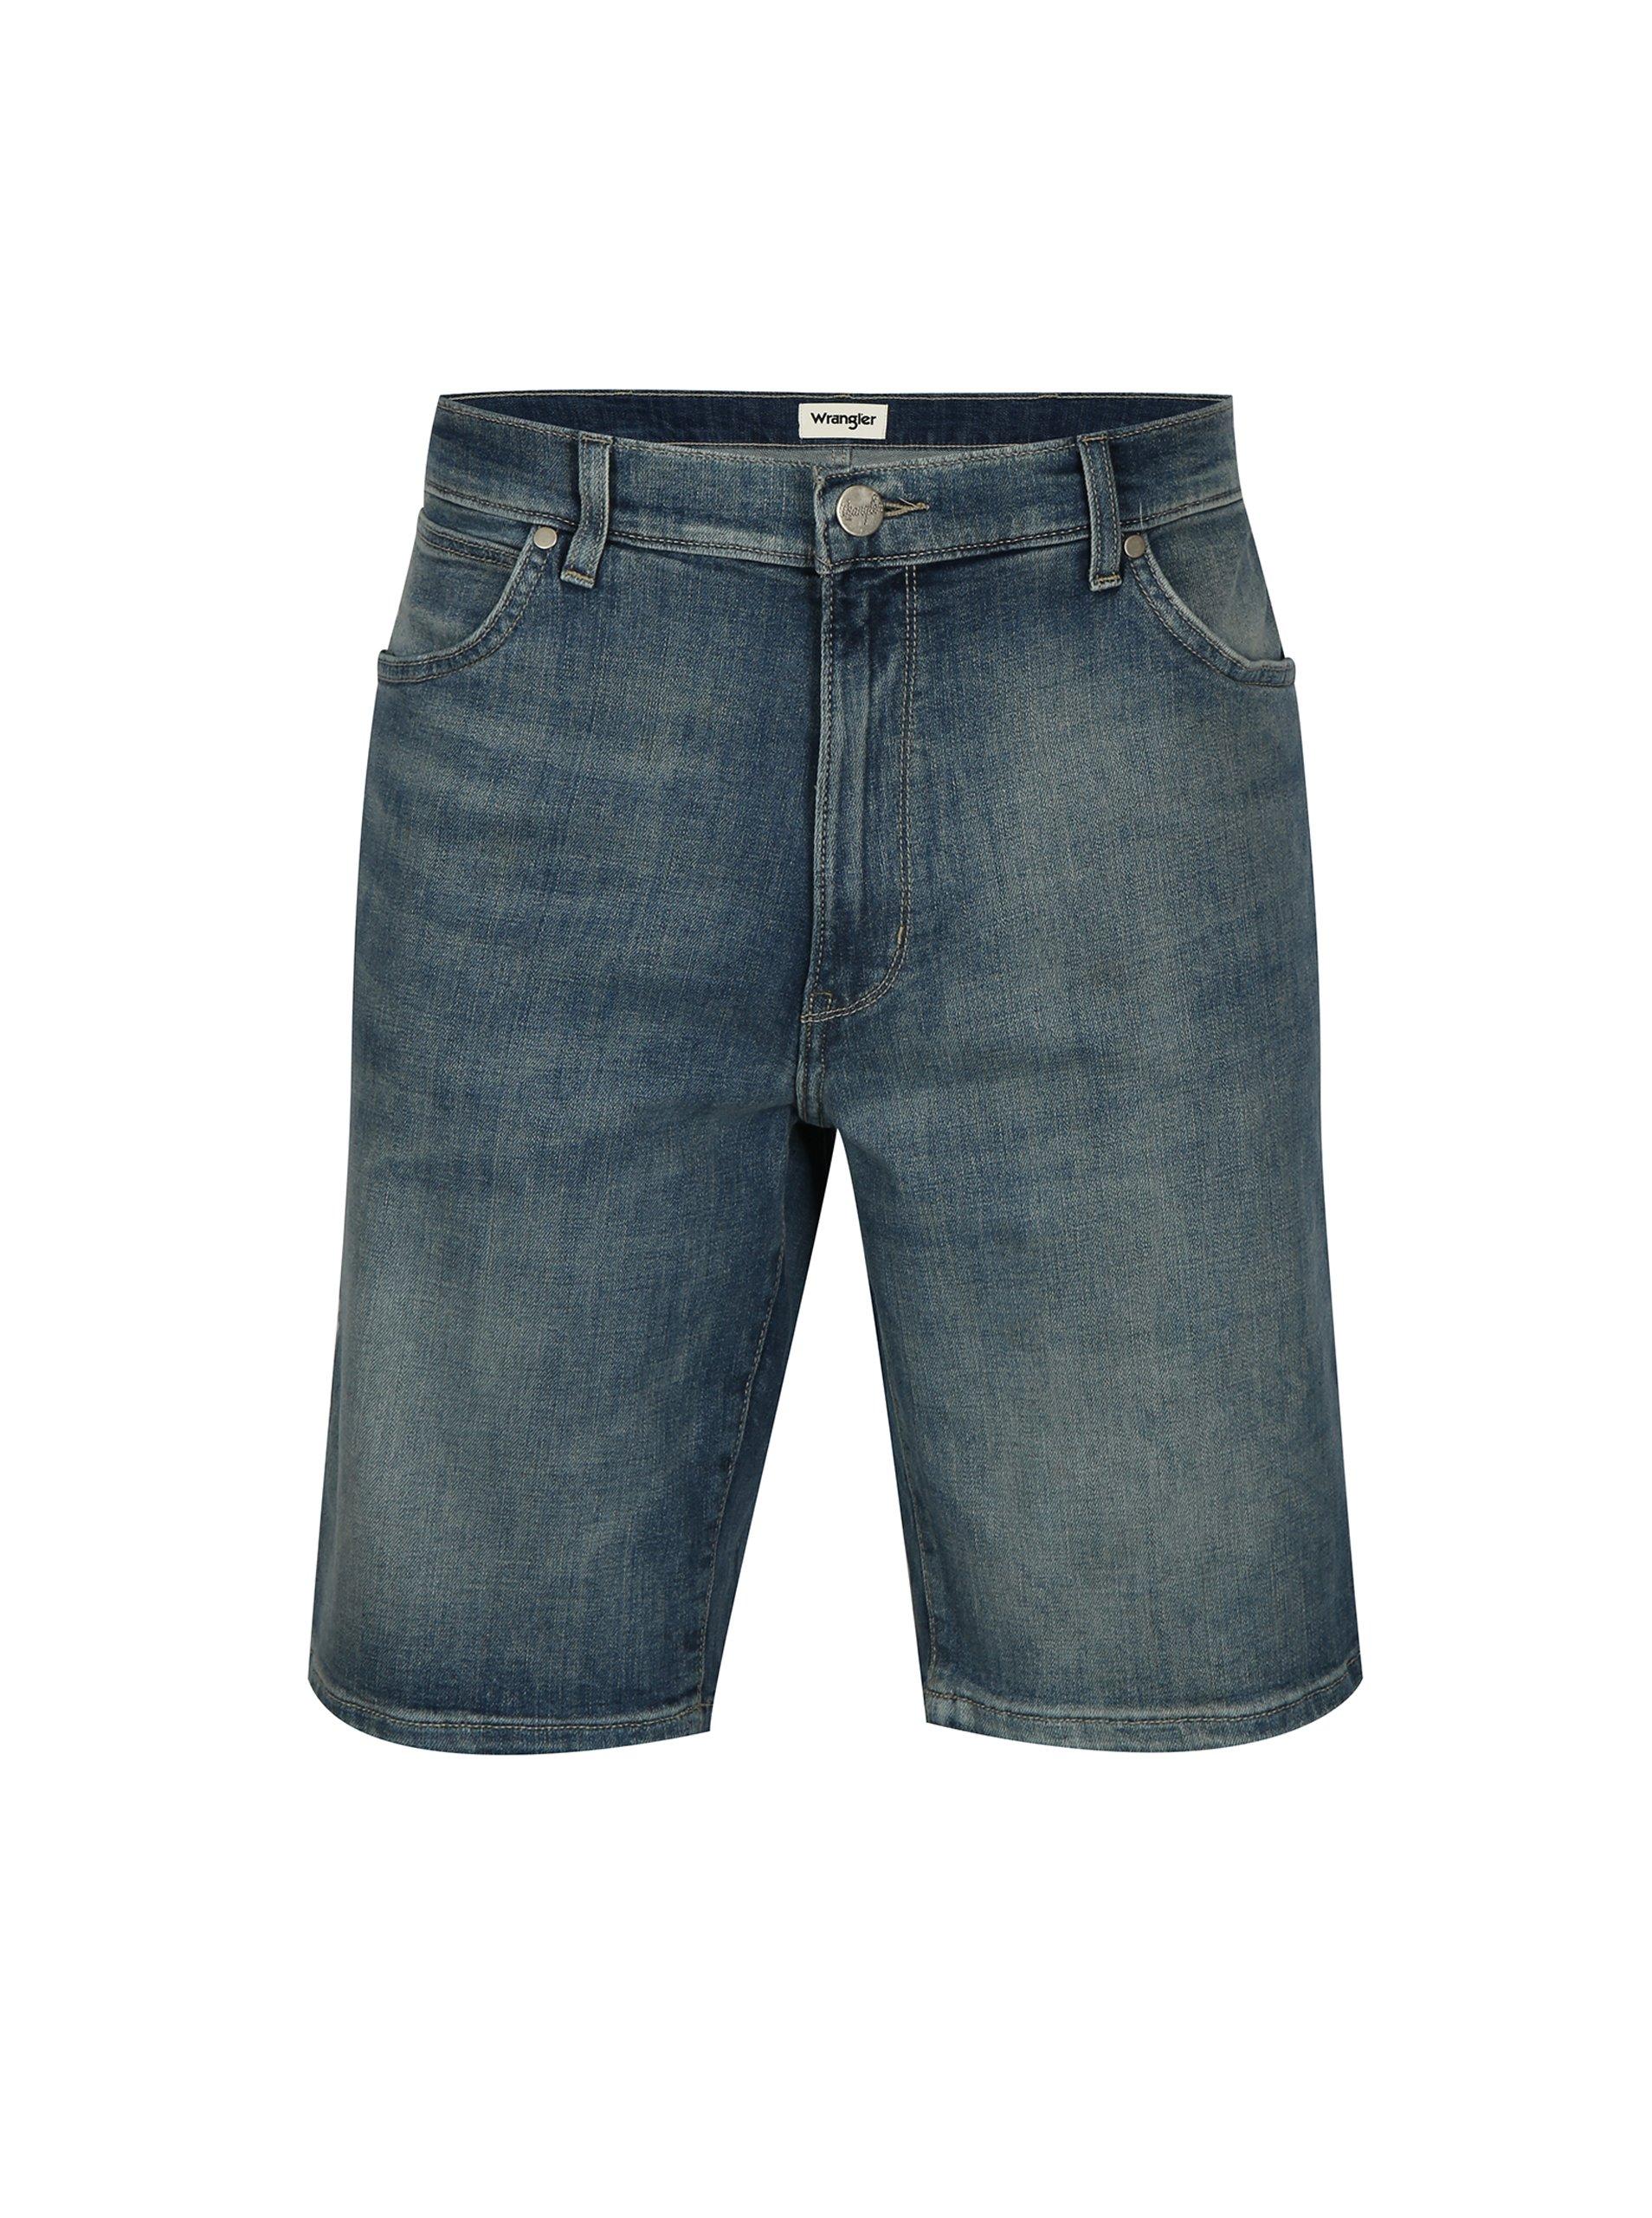 Modré pánské džínové kraťasy Wrangler 64d0e53a2e